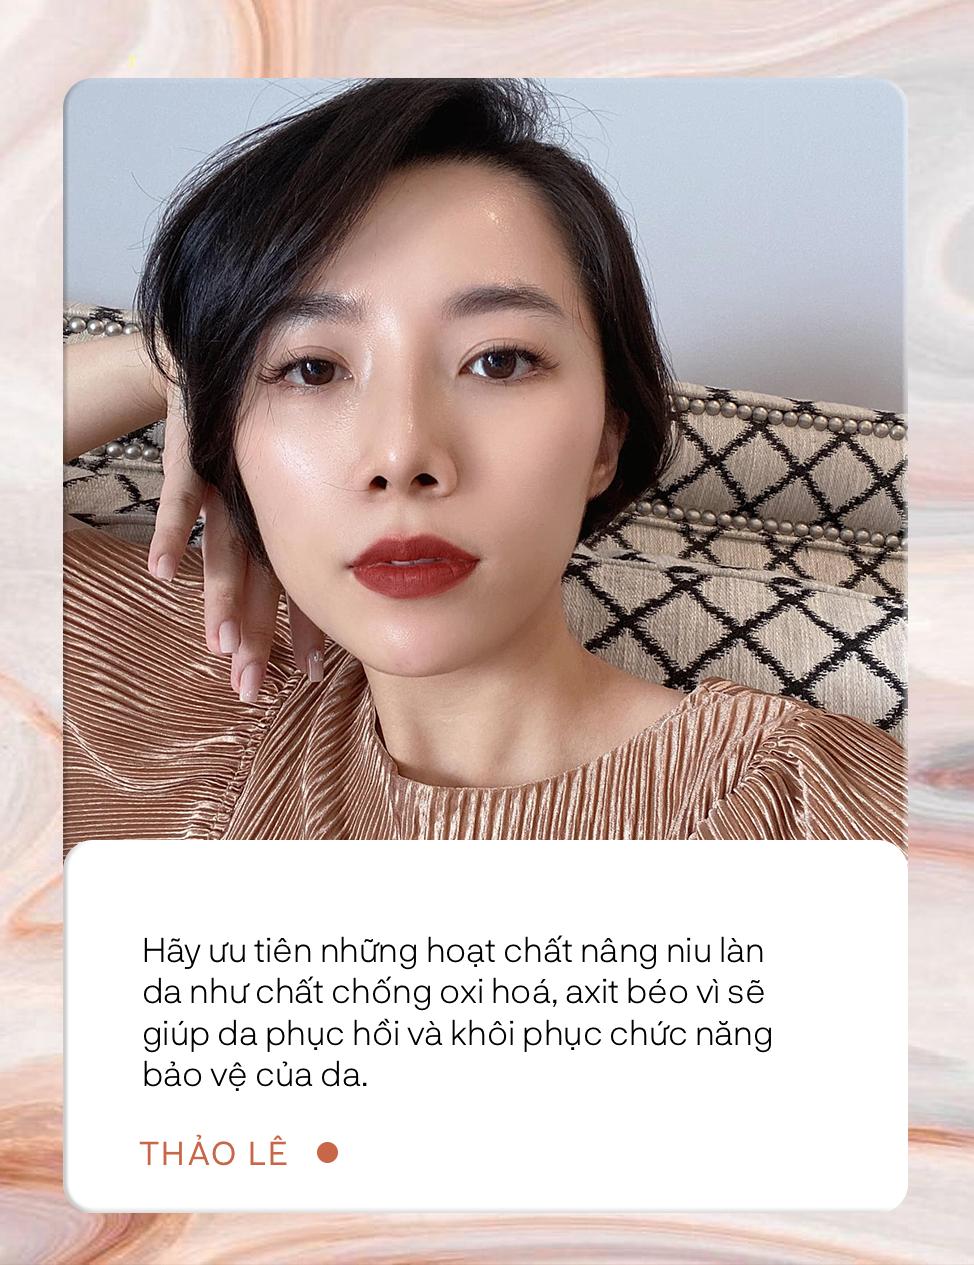 Thảo Lê: Hành trình 5 năm theo chân chuyên da Hàn Quốc, lắm lúc phát bực vì quá nhiều chị em chăm da sai cách  - Ảnh 4.